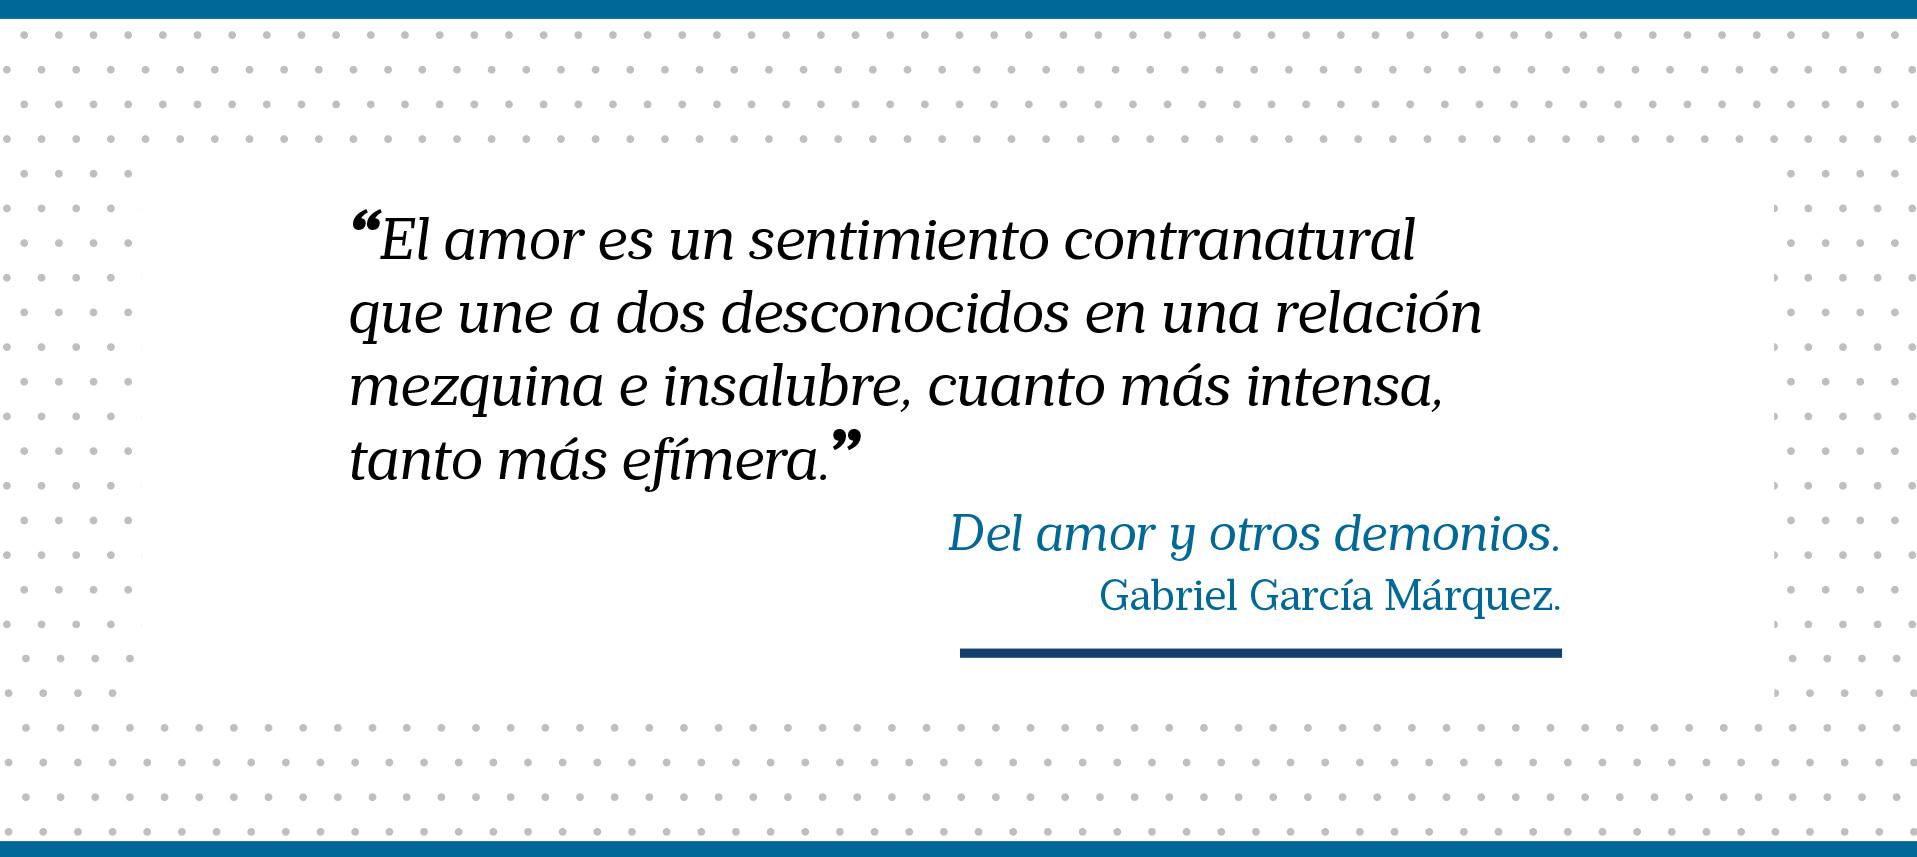 El amor es un sentimiento contranatural que une a dos desconocidos en una relación mezquina e insalubre, cuanto más intensa, tanto más efímera